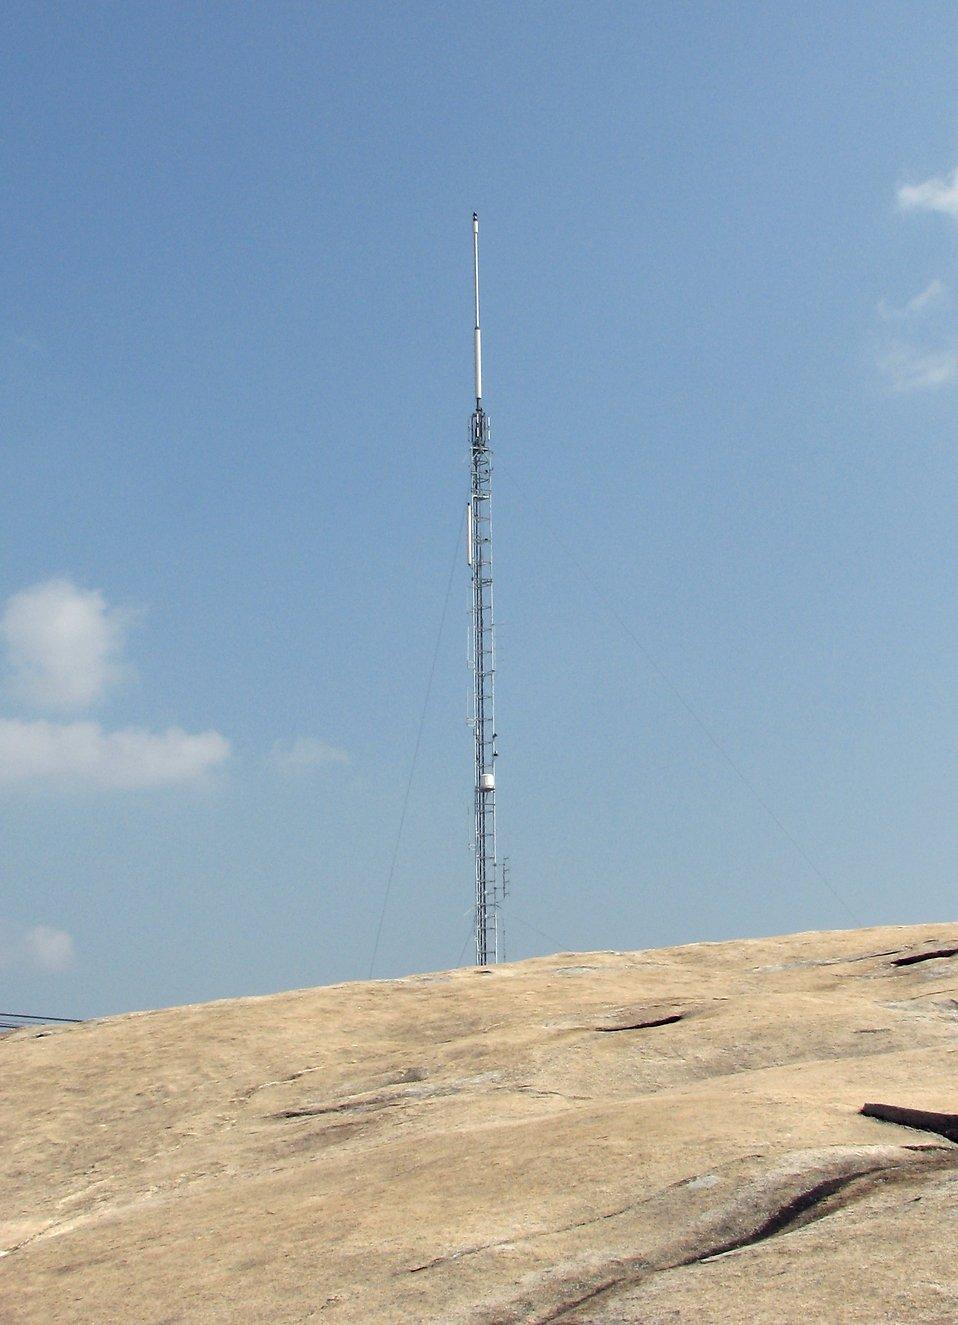 An antenna on top of Stone Mountain : Free Stock Photo